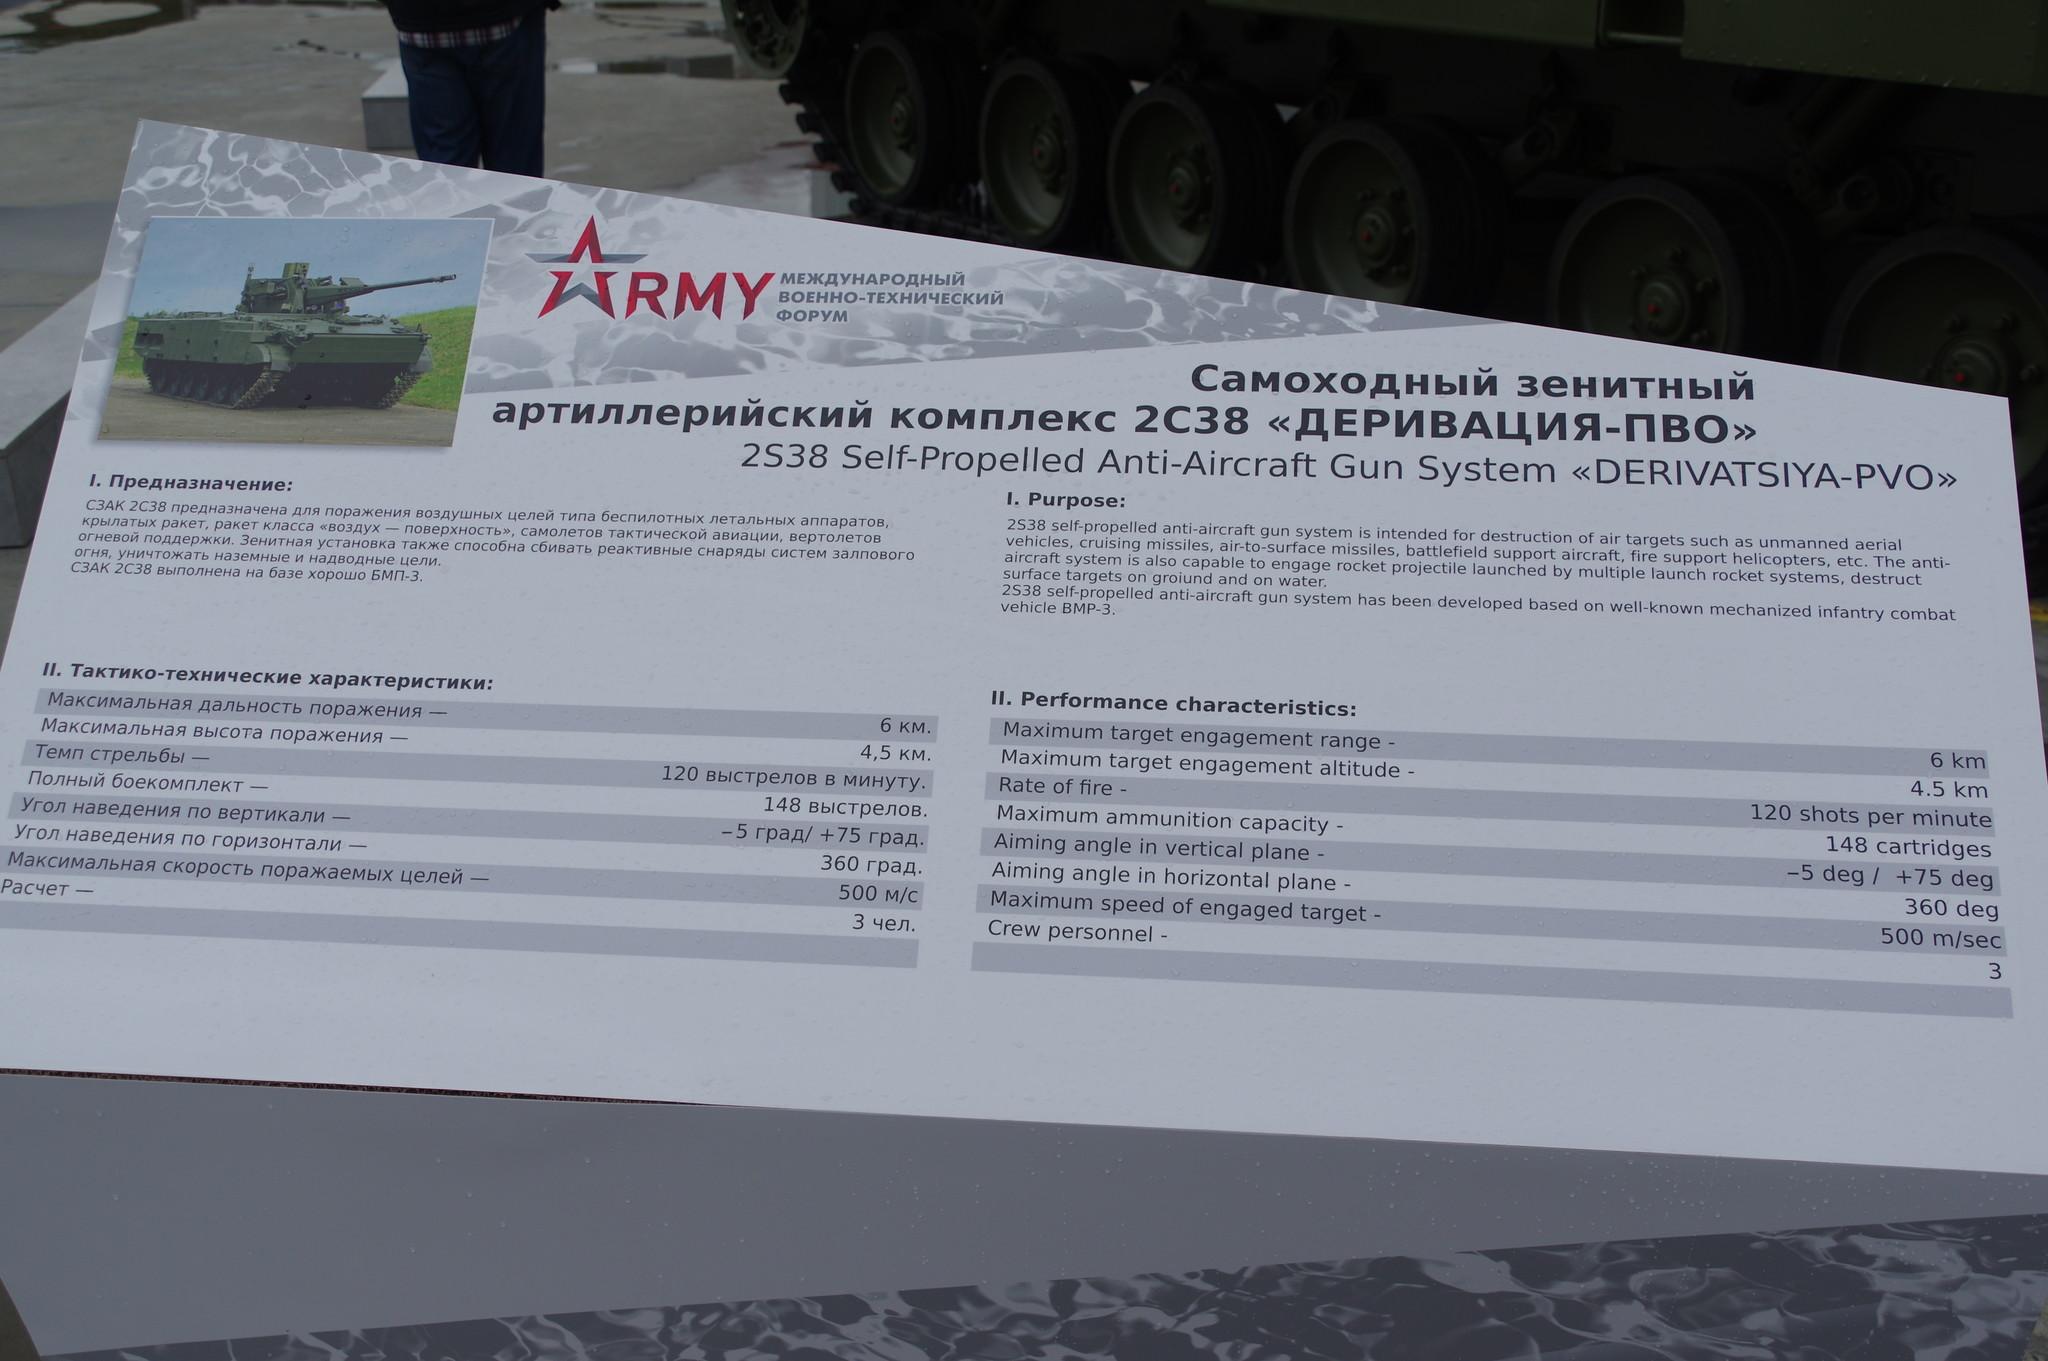 Самоходный зенитный артиллерийский комплекс 2С38 «Деривация-ПВО»